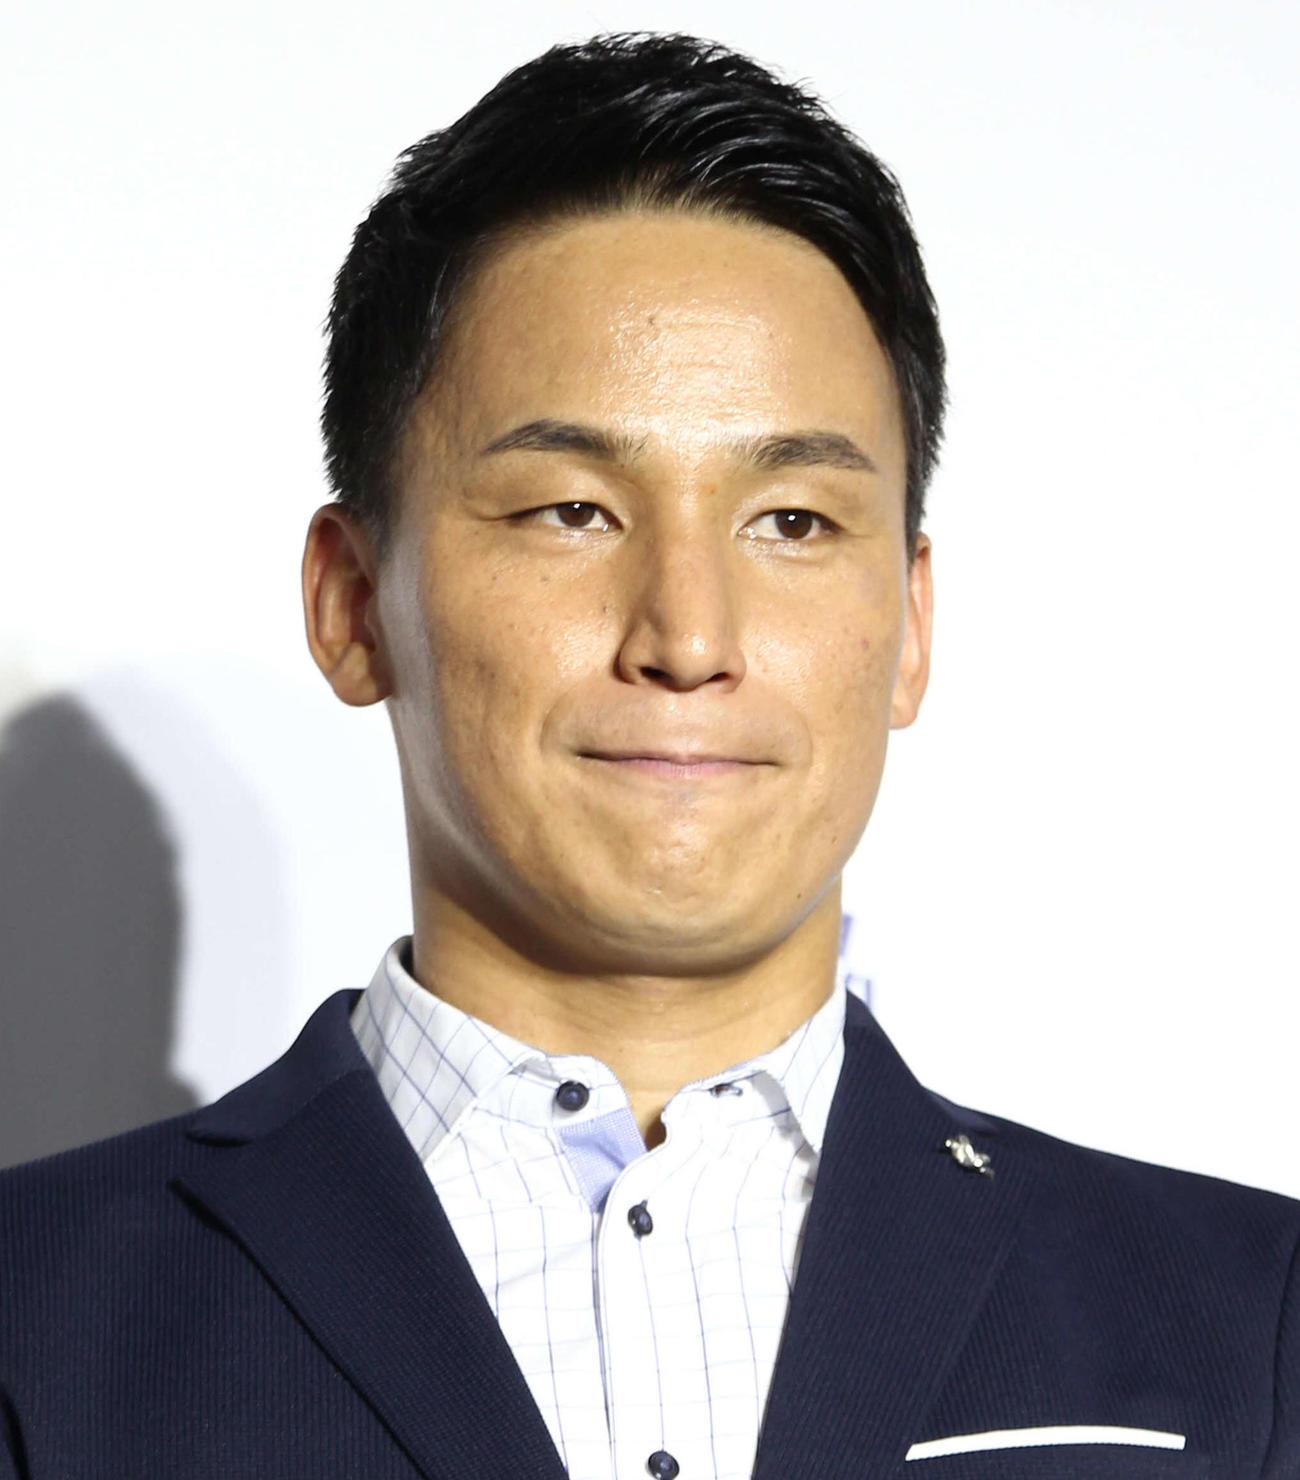 松田丈志氏(2018年7月23日撮影)